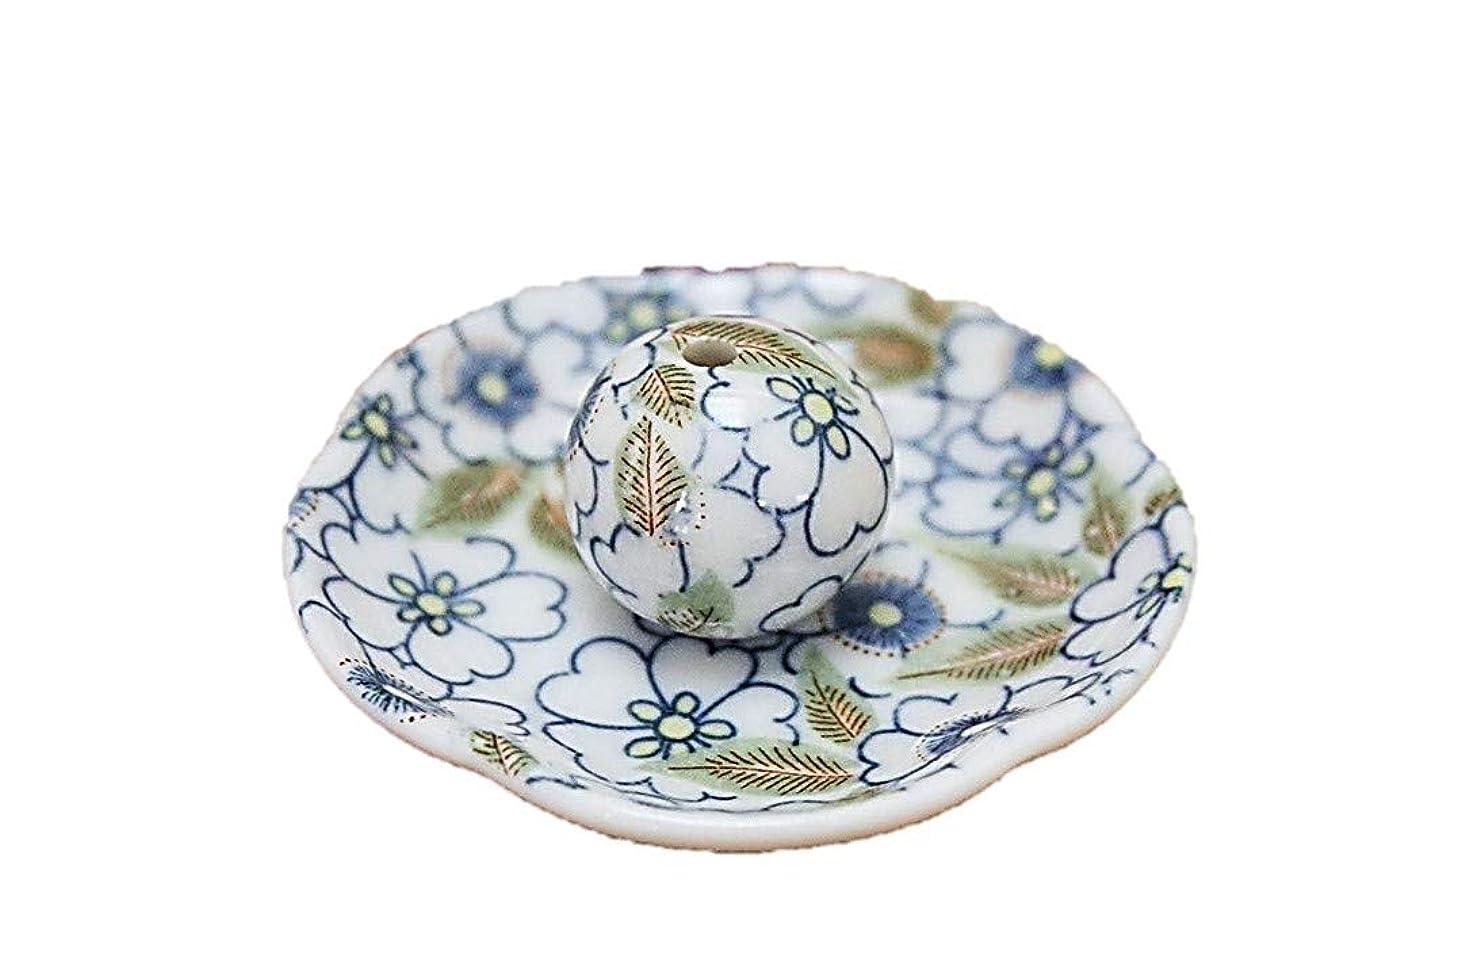 医療の低下導入する藍華柳 花形香皿 お香立て お香たて 日本製 ACSWEBSHOPオリジナル